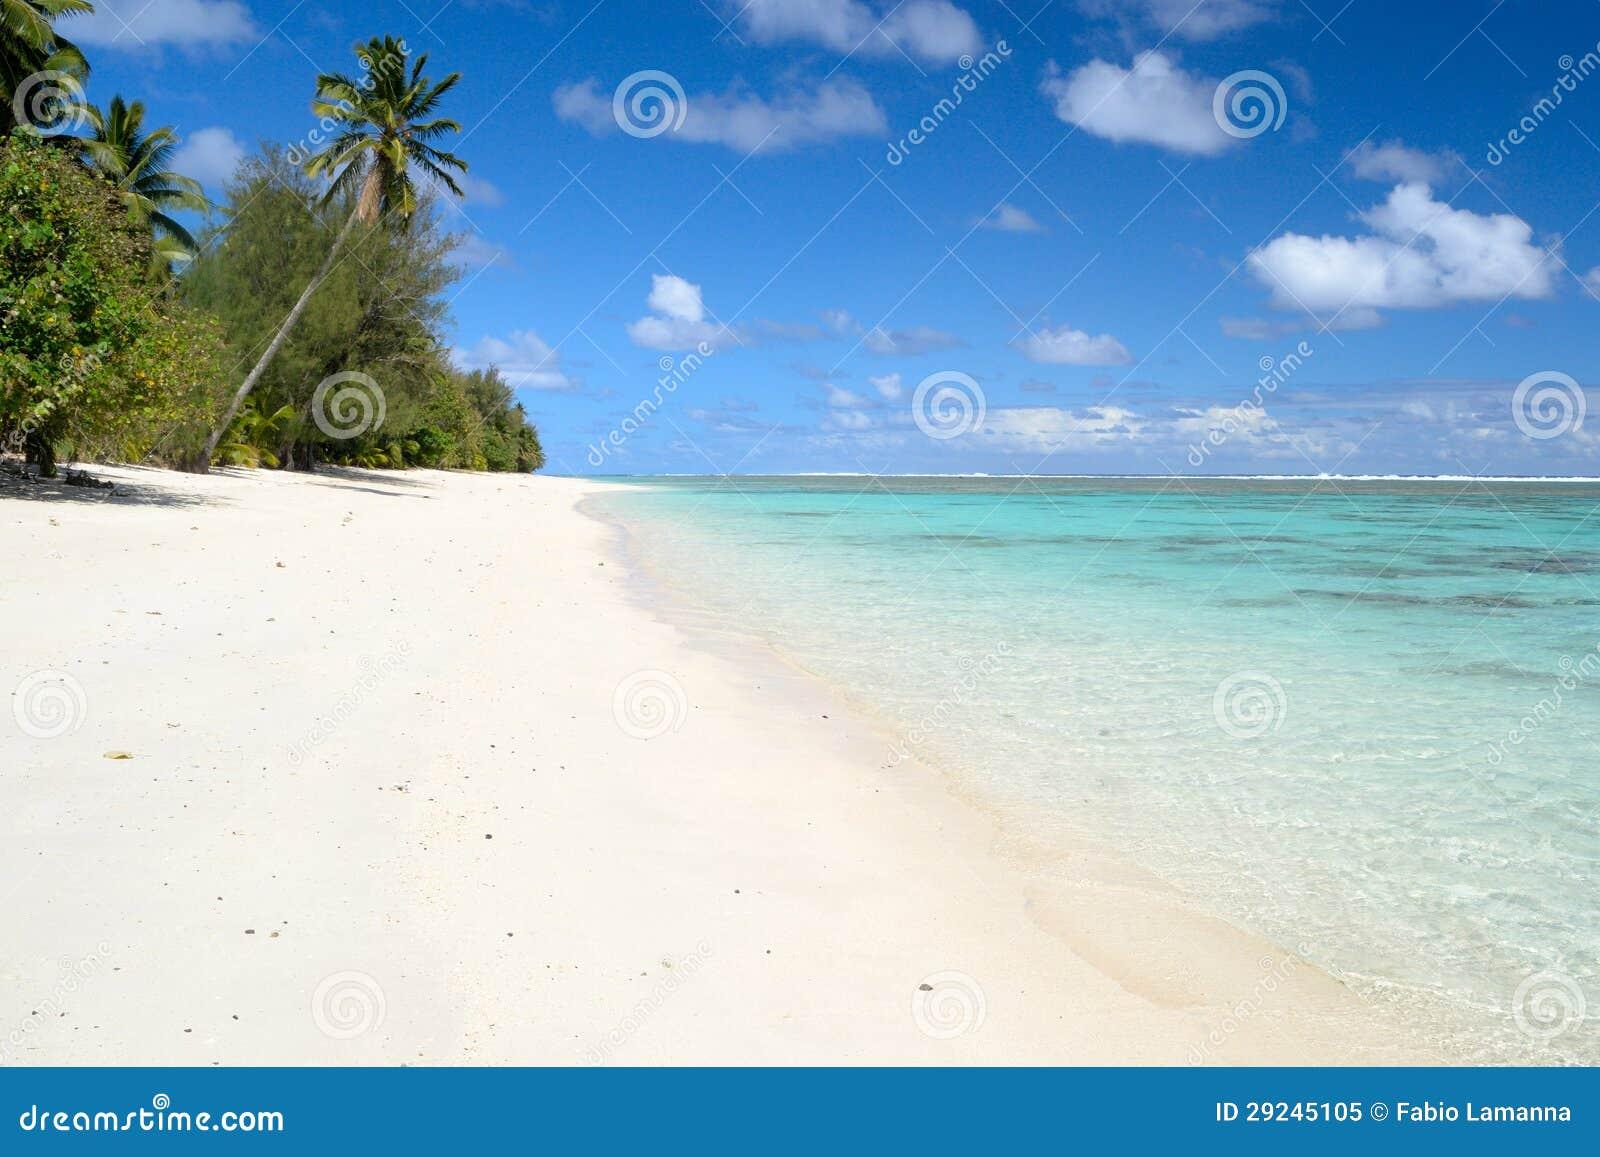 Download Sonhando Ilhas Cook imagem de stock. Imagem de azul, afastado - 29245105